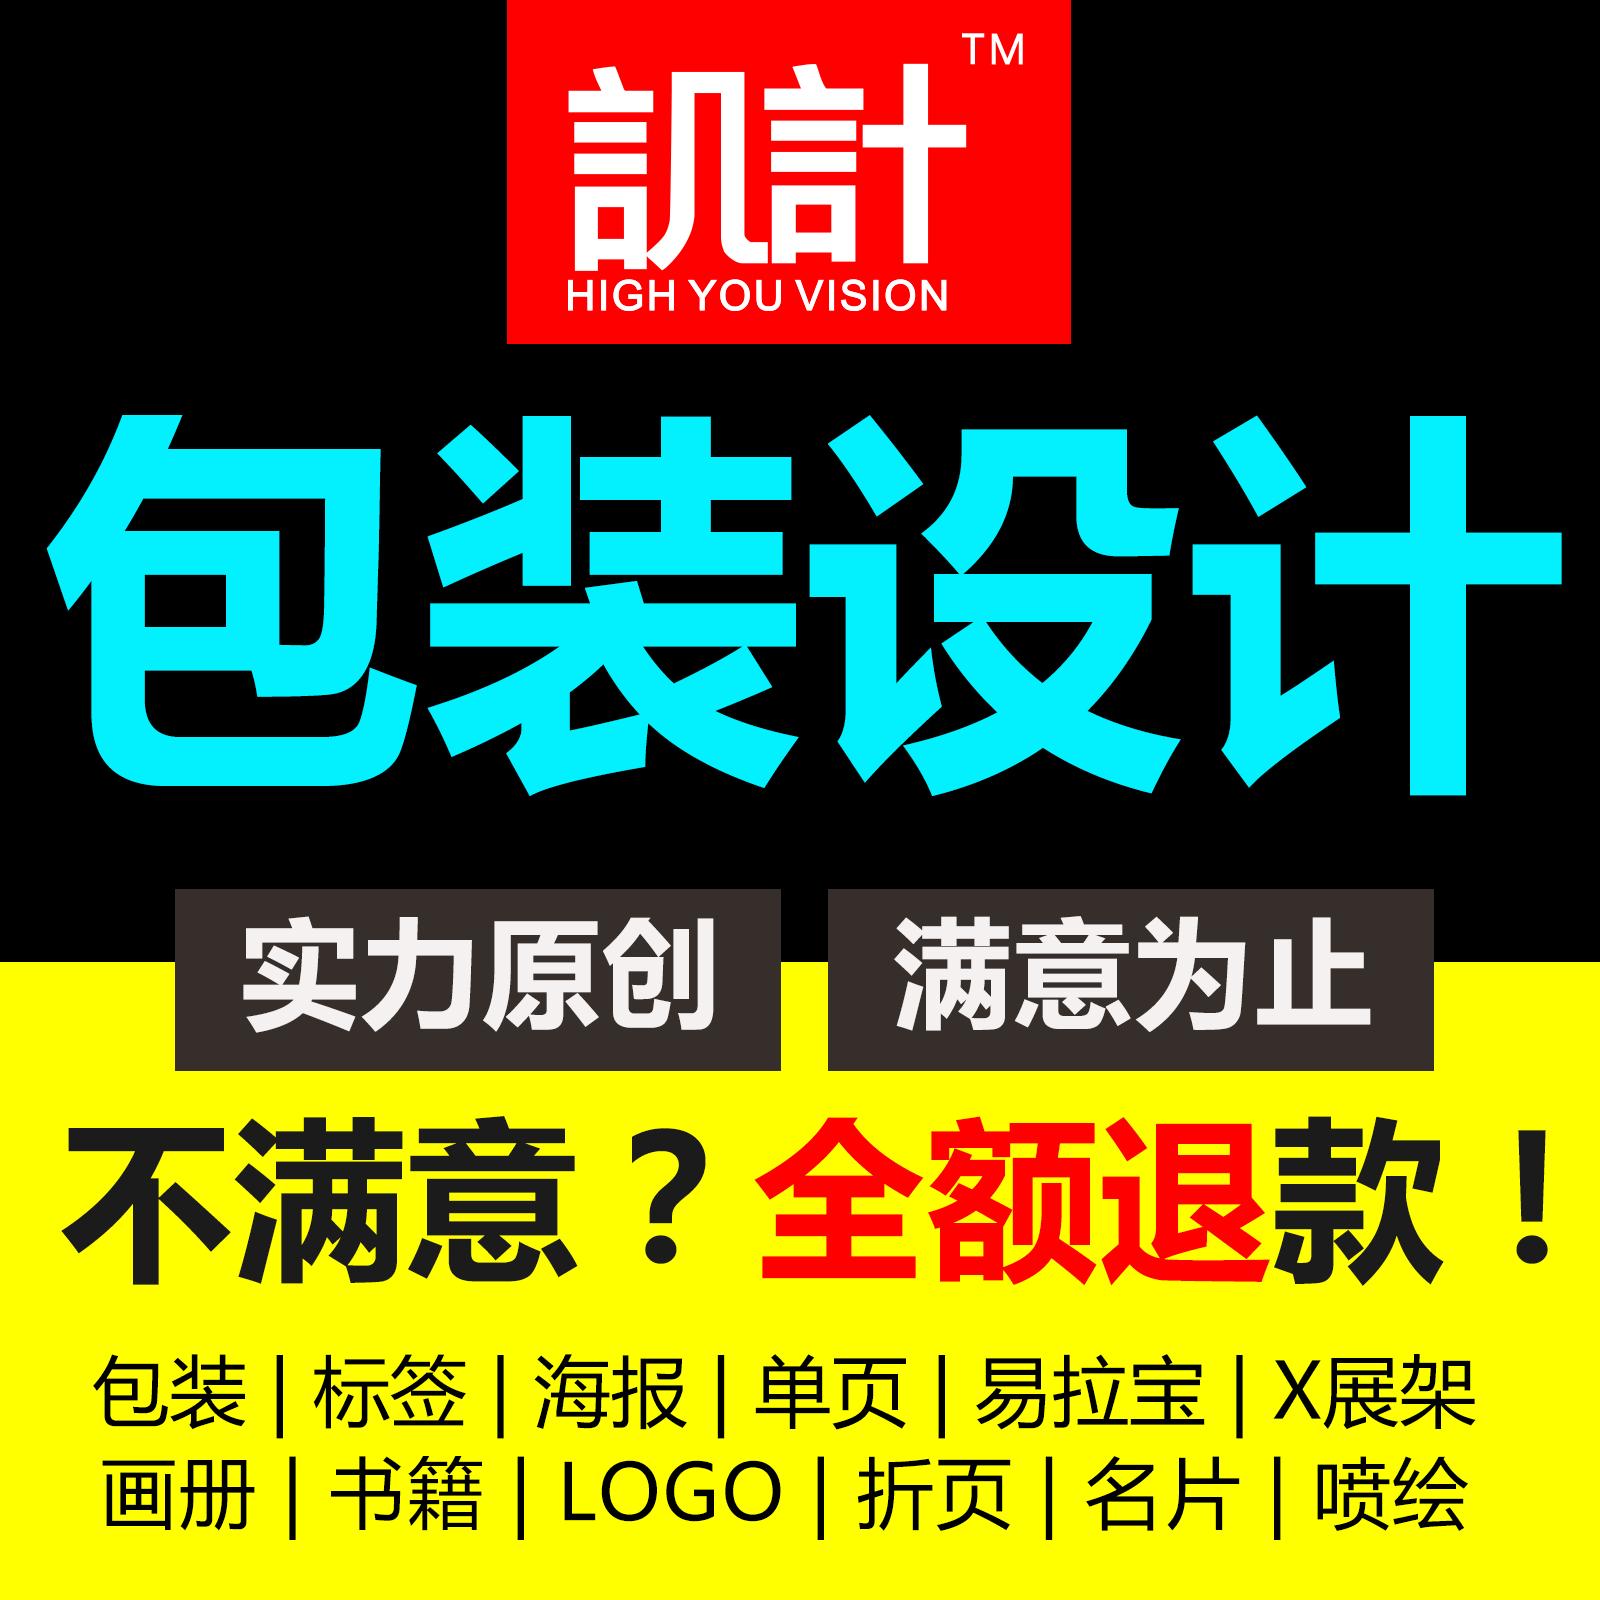 Питание пакет Косметическая упаковка цвет коробка пакет Закладка логотипа графического дизайна за пределами пакет Настройка продукта для картона